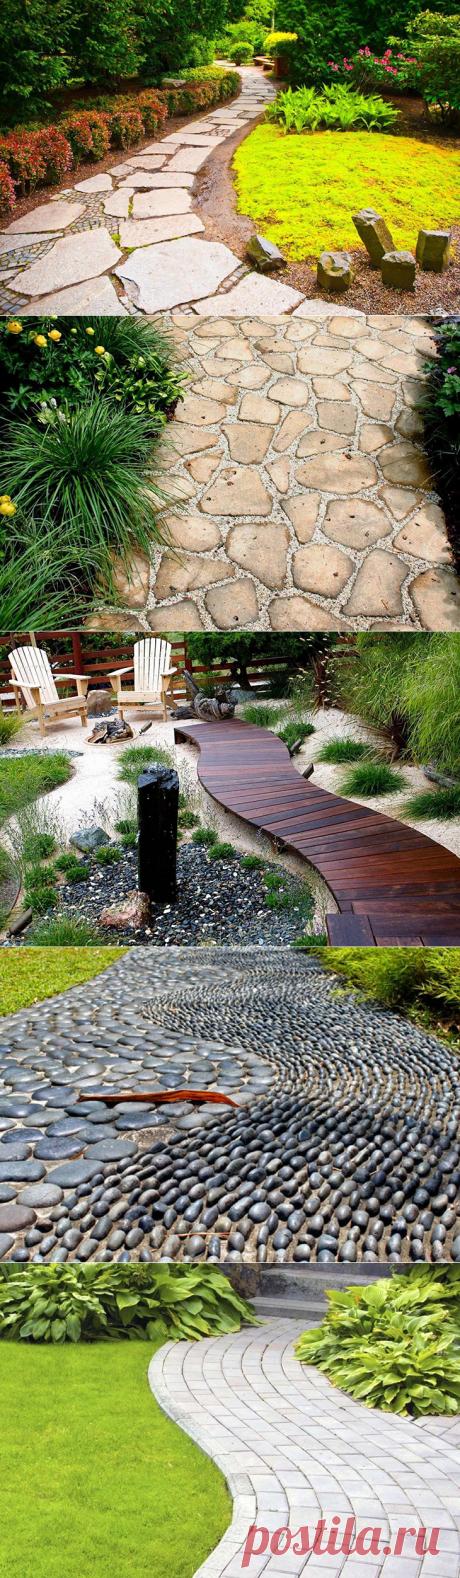 Из чего делать садовые дорожки: обзор подходящих материалов